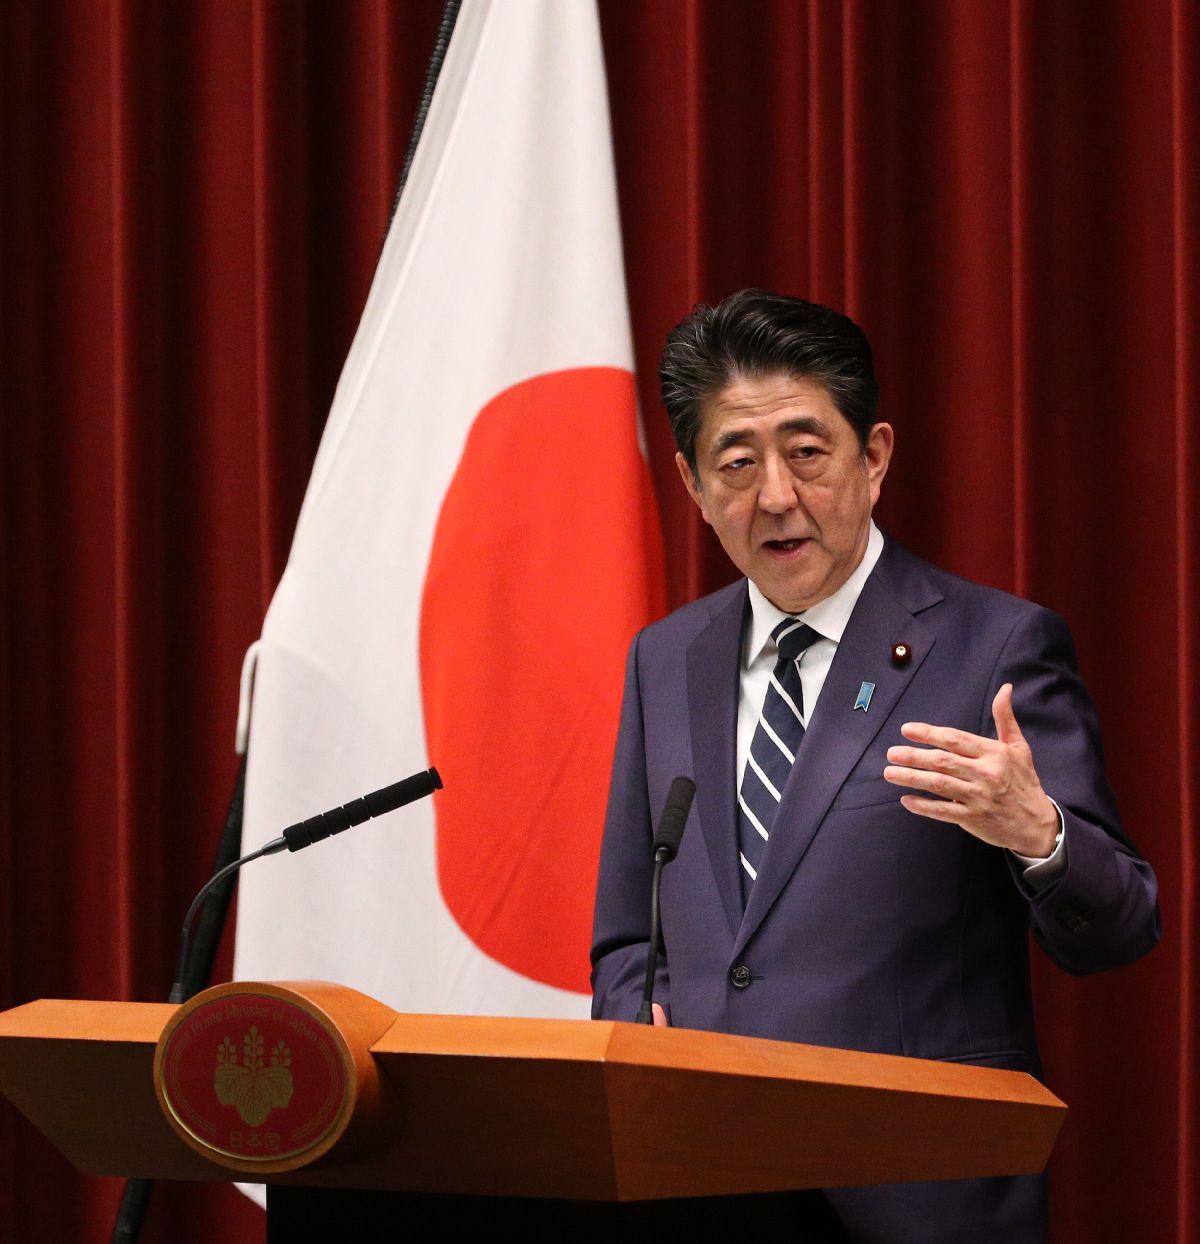 写真・図版 : 新元号「令和」について記者会見する安倍晋三首相=2019年4月1日午後、首相官邸